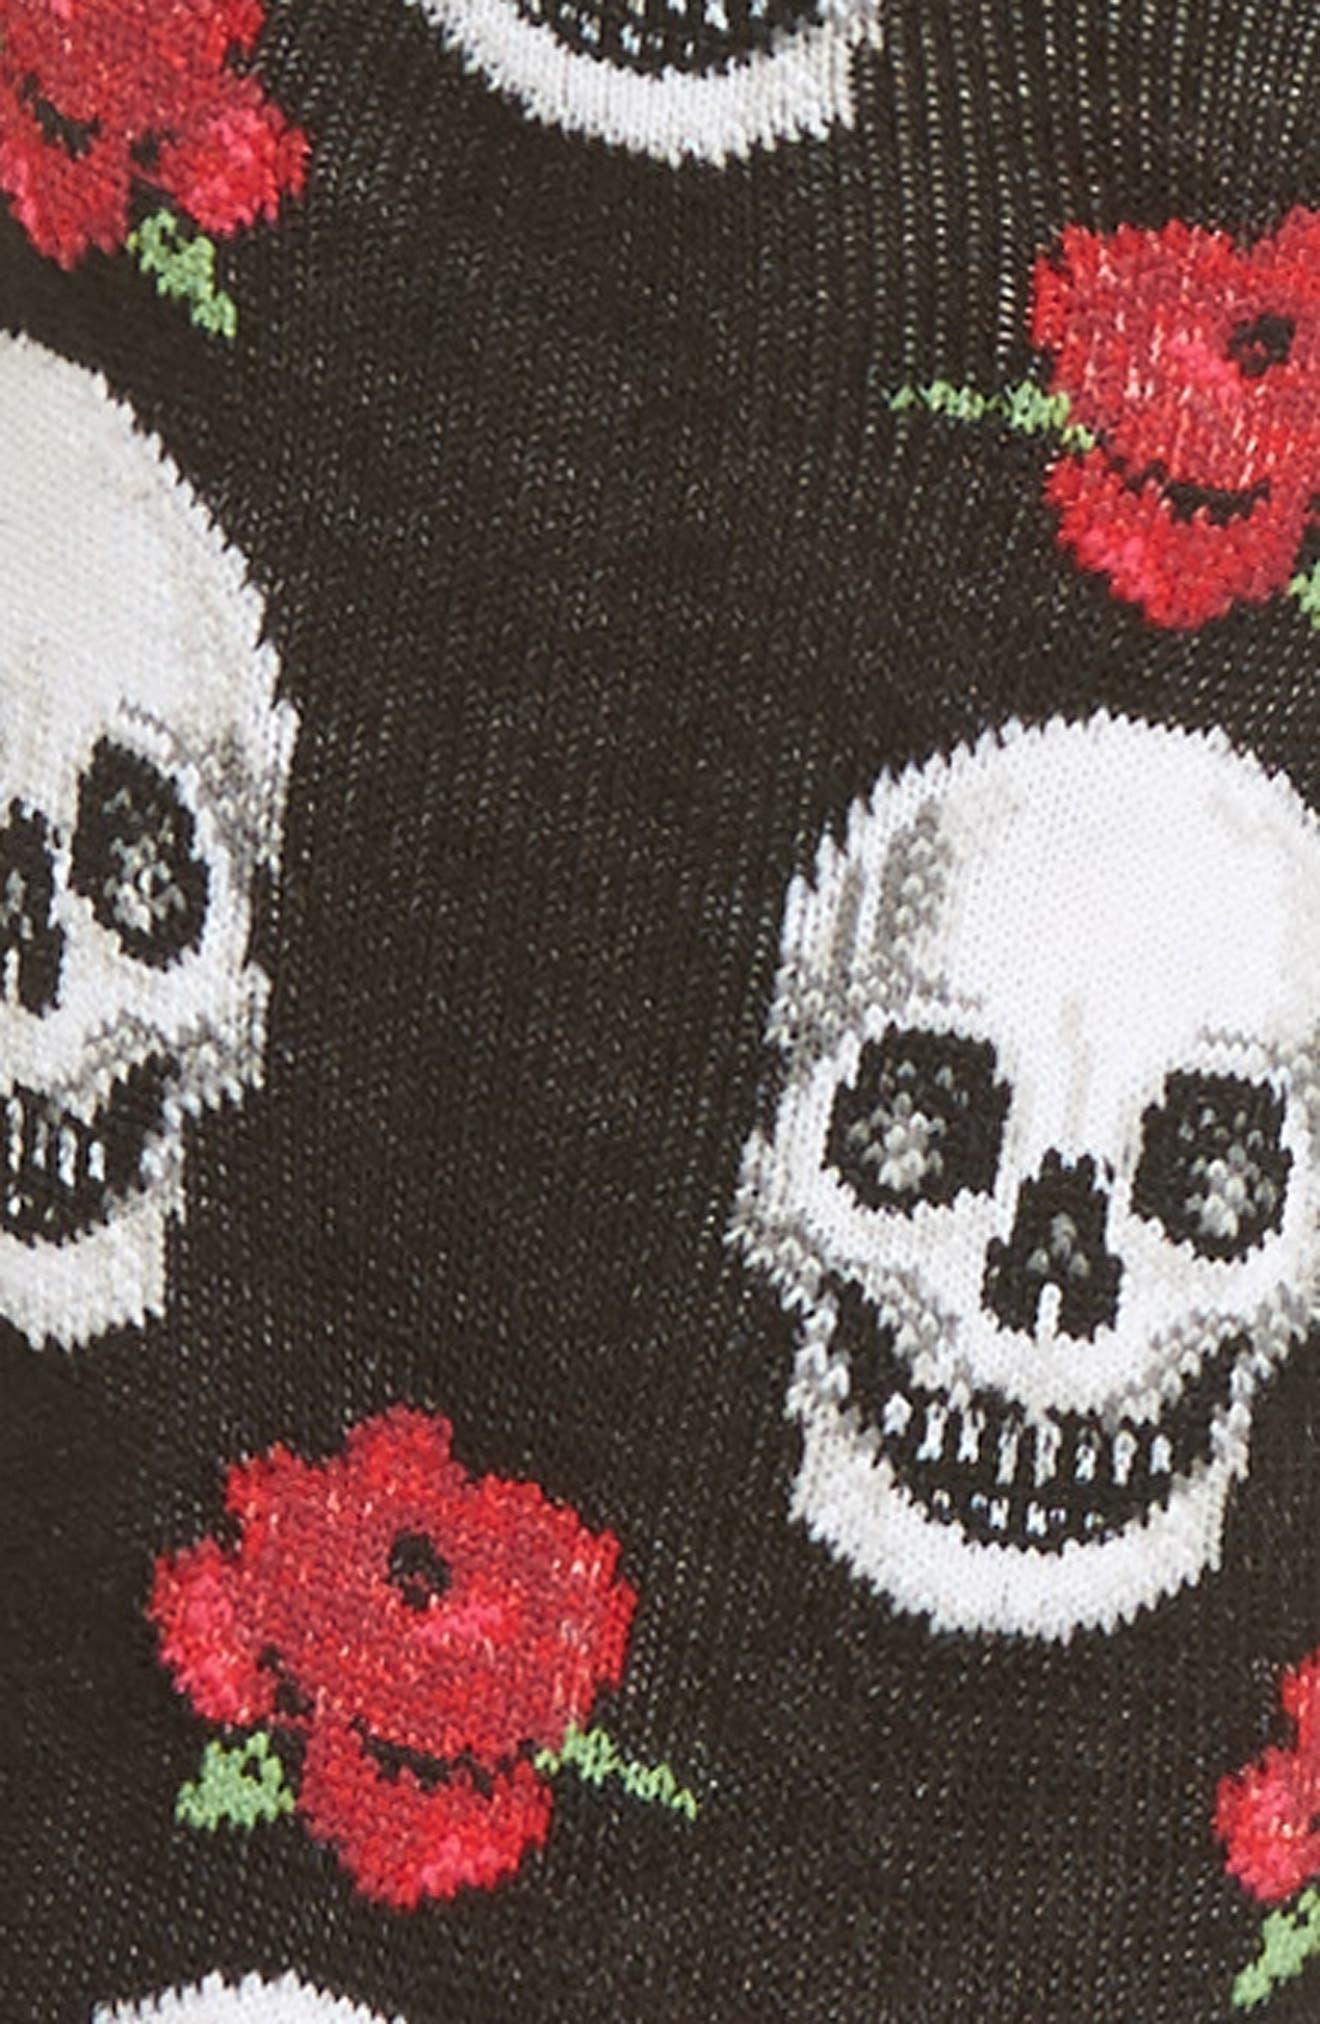 Skull & Roses Crew Socks,                             Alternate thumbnail 3, color,                             001